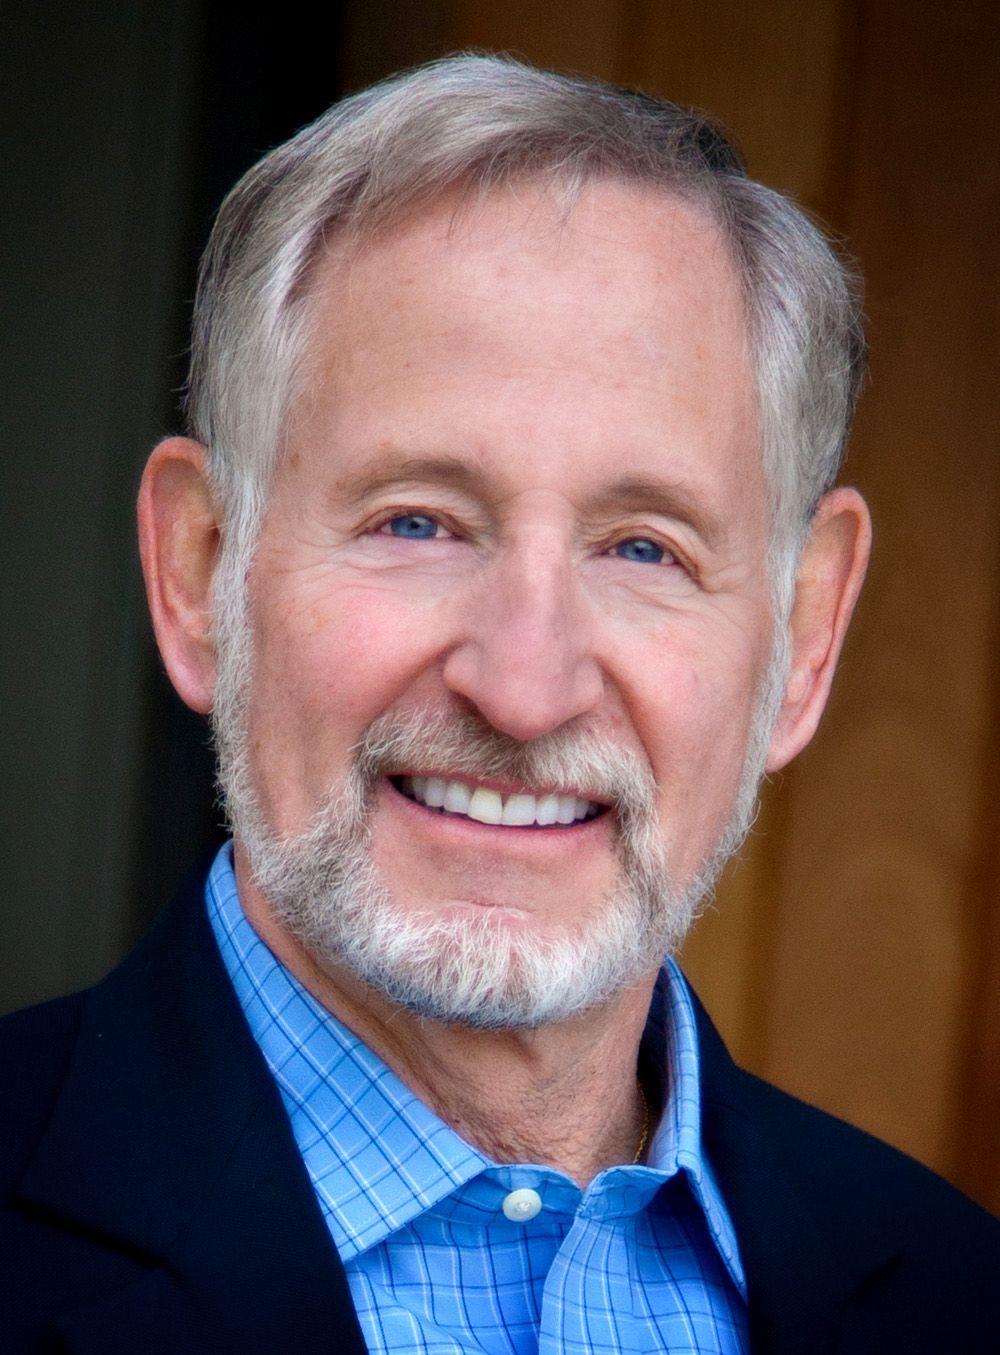 Sullivan's mayor-elect wants dialogue, unity